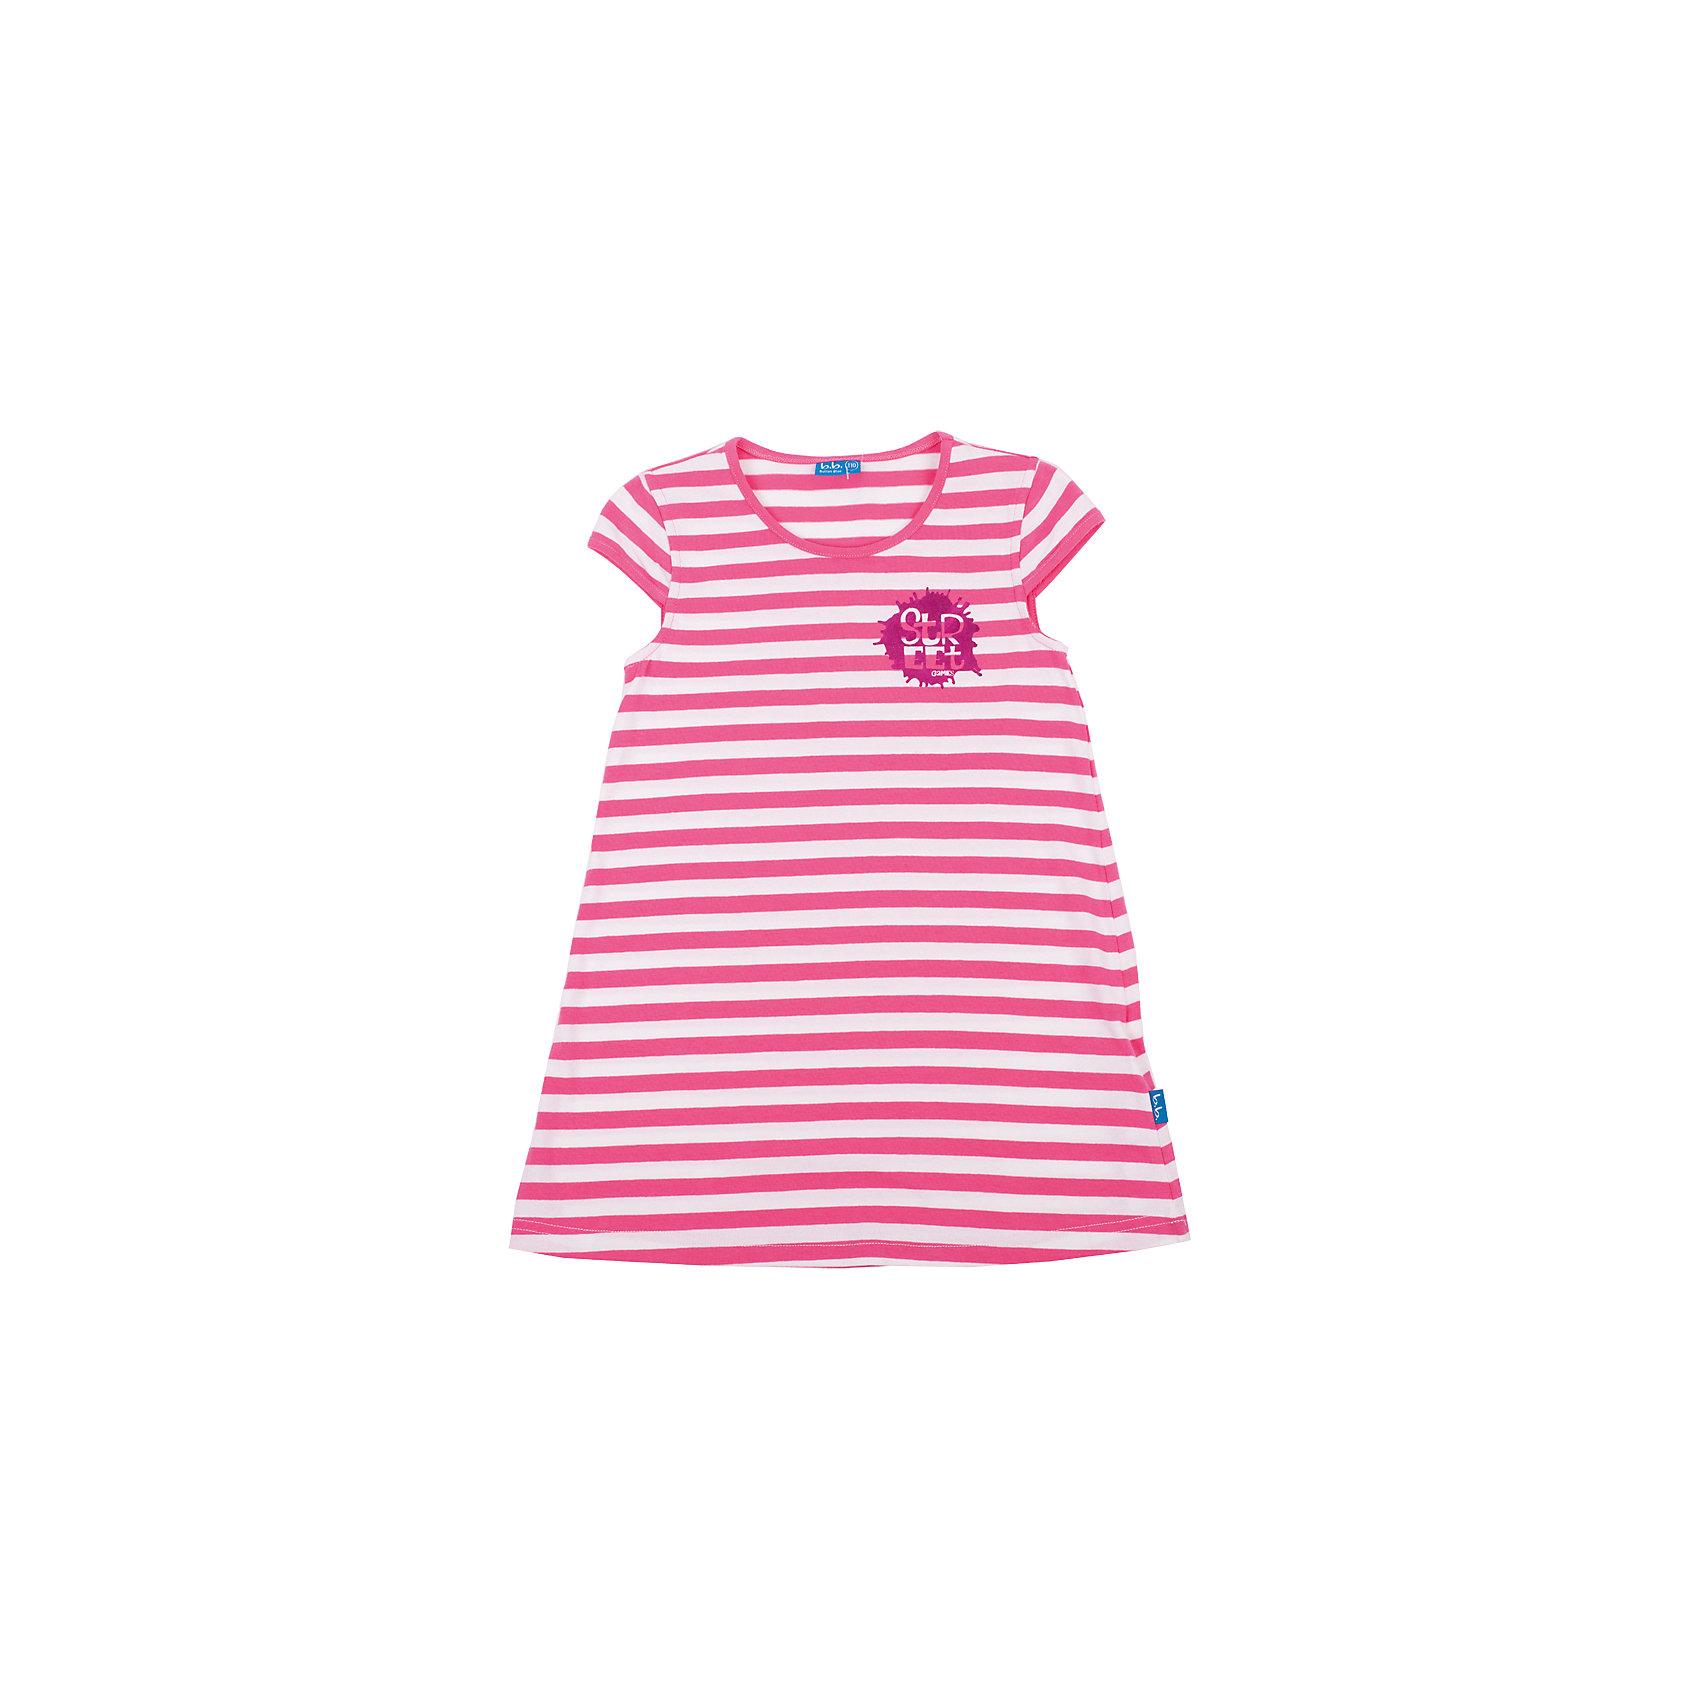 Платье для девочки Button BlueХит прогулочного летнего гардероба, яркое платье для девочки в розовую полоску выглядит отлично! Удобная форма, динамичный рисунок, яркий сияющий принт делают платье необходимой вещью на каждый день. Купить детское платье Button Blue, значит, купить классное летнее платье недорого и быстро, не сомневаясь в его качестве и комфорте.<br>Состав:<br>95% хлопок                                5% эластан<br><br>Ширина мм: 236<br>Глубина мм: 16<br>Высота мм: 184<br>Вес г: 177<br>Цвет: бело-розовый<br>Возраст от месяцев: 36<br>Возраст до месяцев: 48<br>Пол: Женский<br>Возраст: Детский<br>Размер: 98,116,110,122,104<br>SKU: 4510834